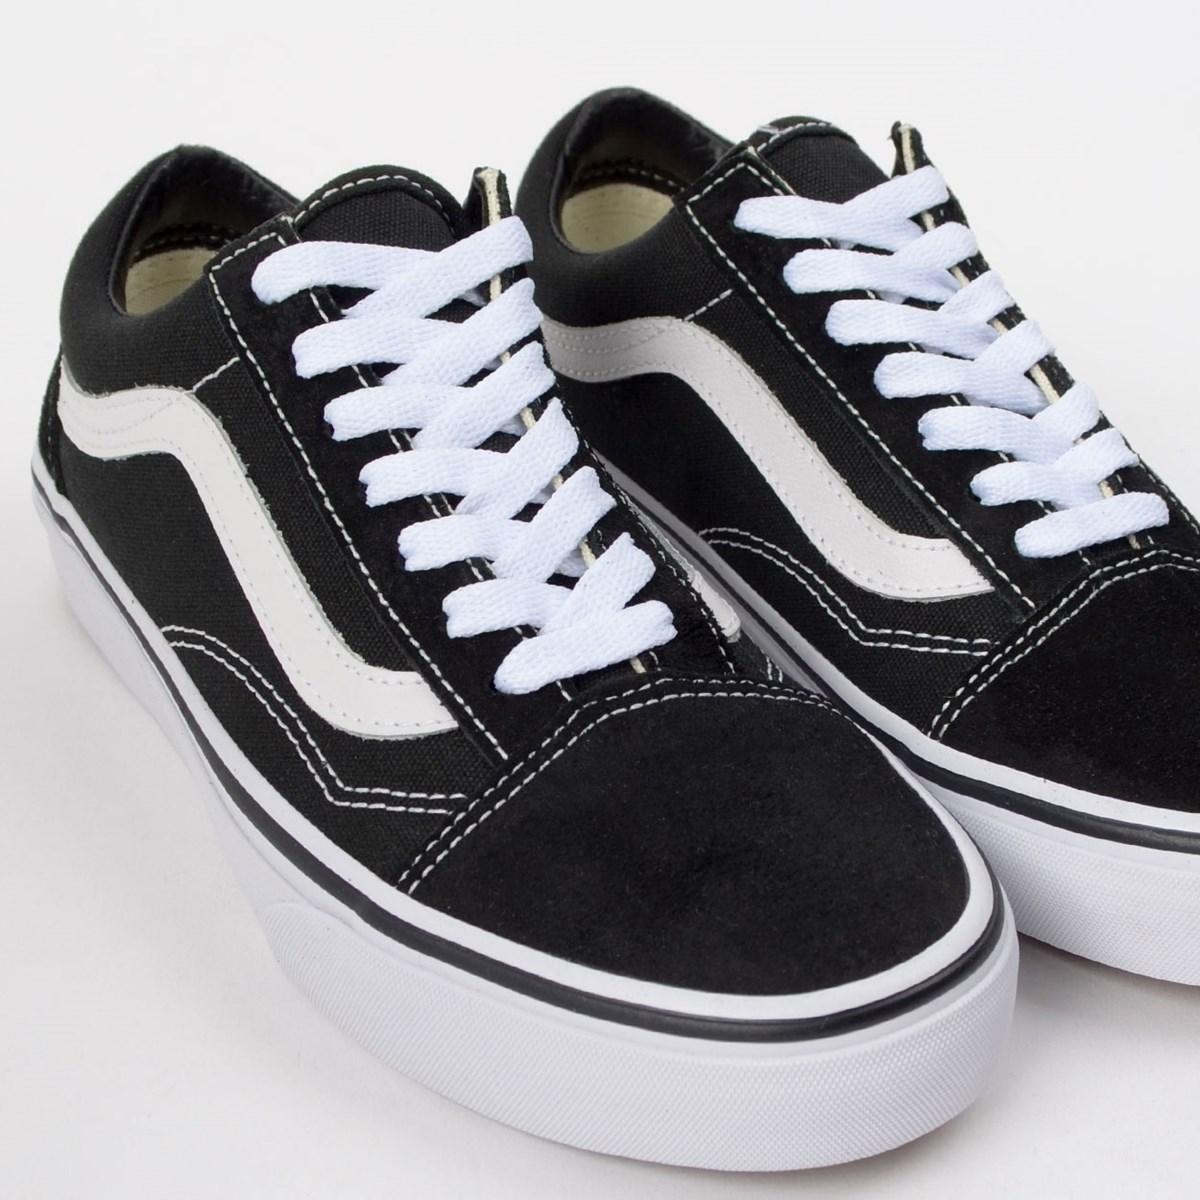 Tênis Vans Old Skool Black White VN000D3HY28